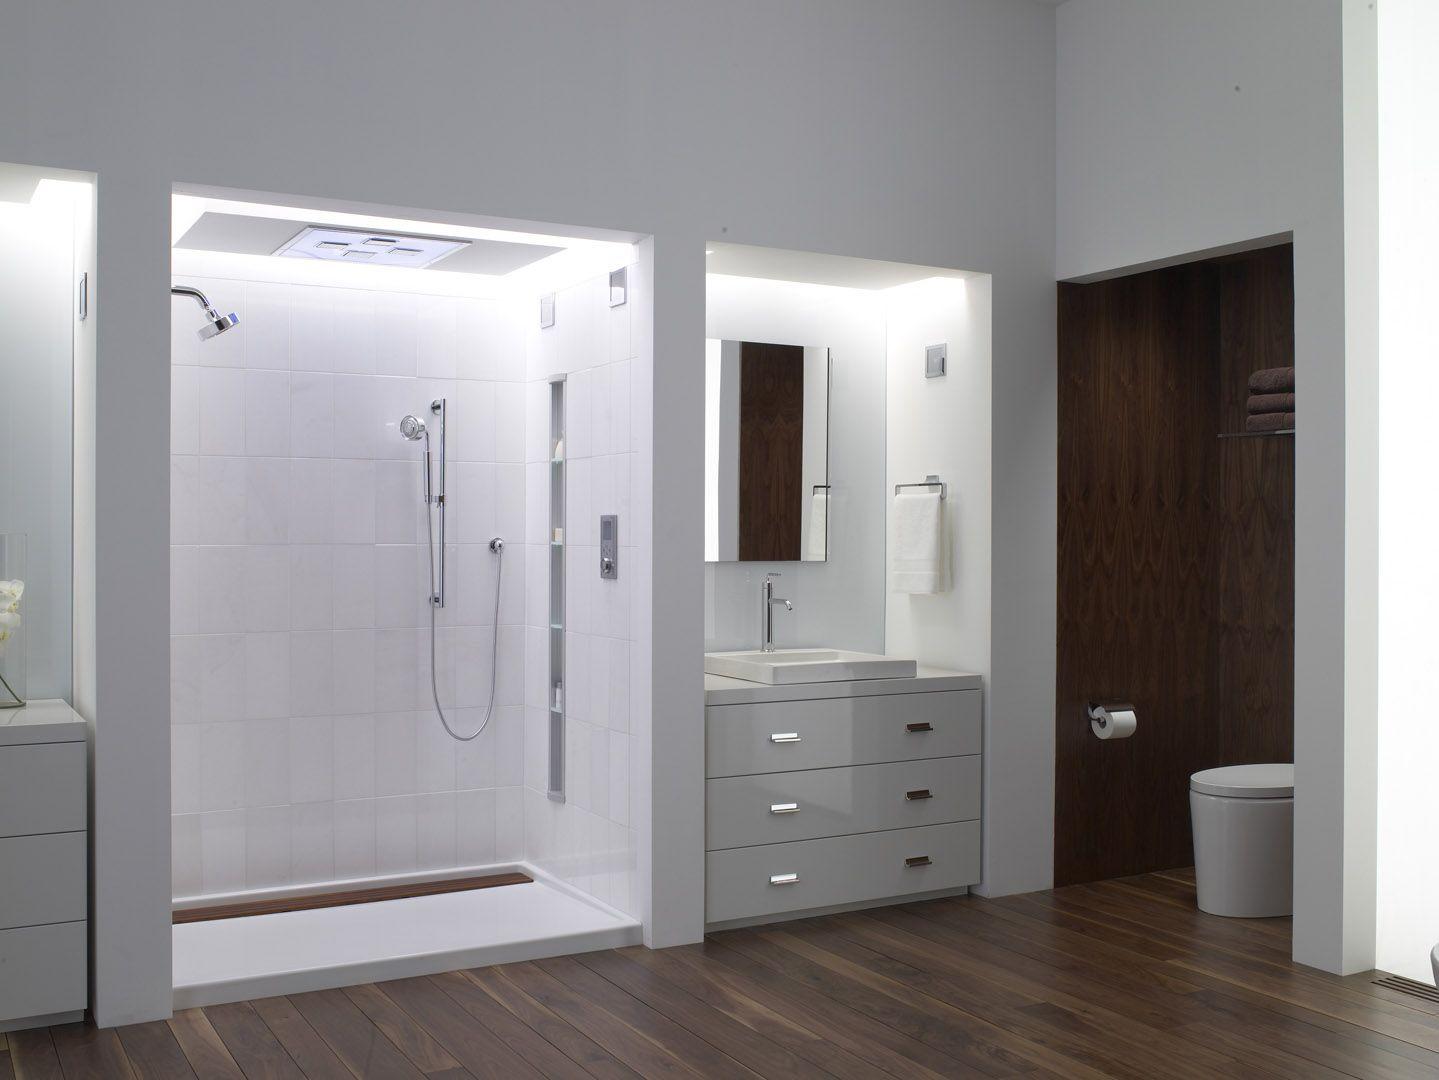 Badkamer met houten vloer. een badkamer voor de echte